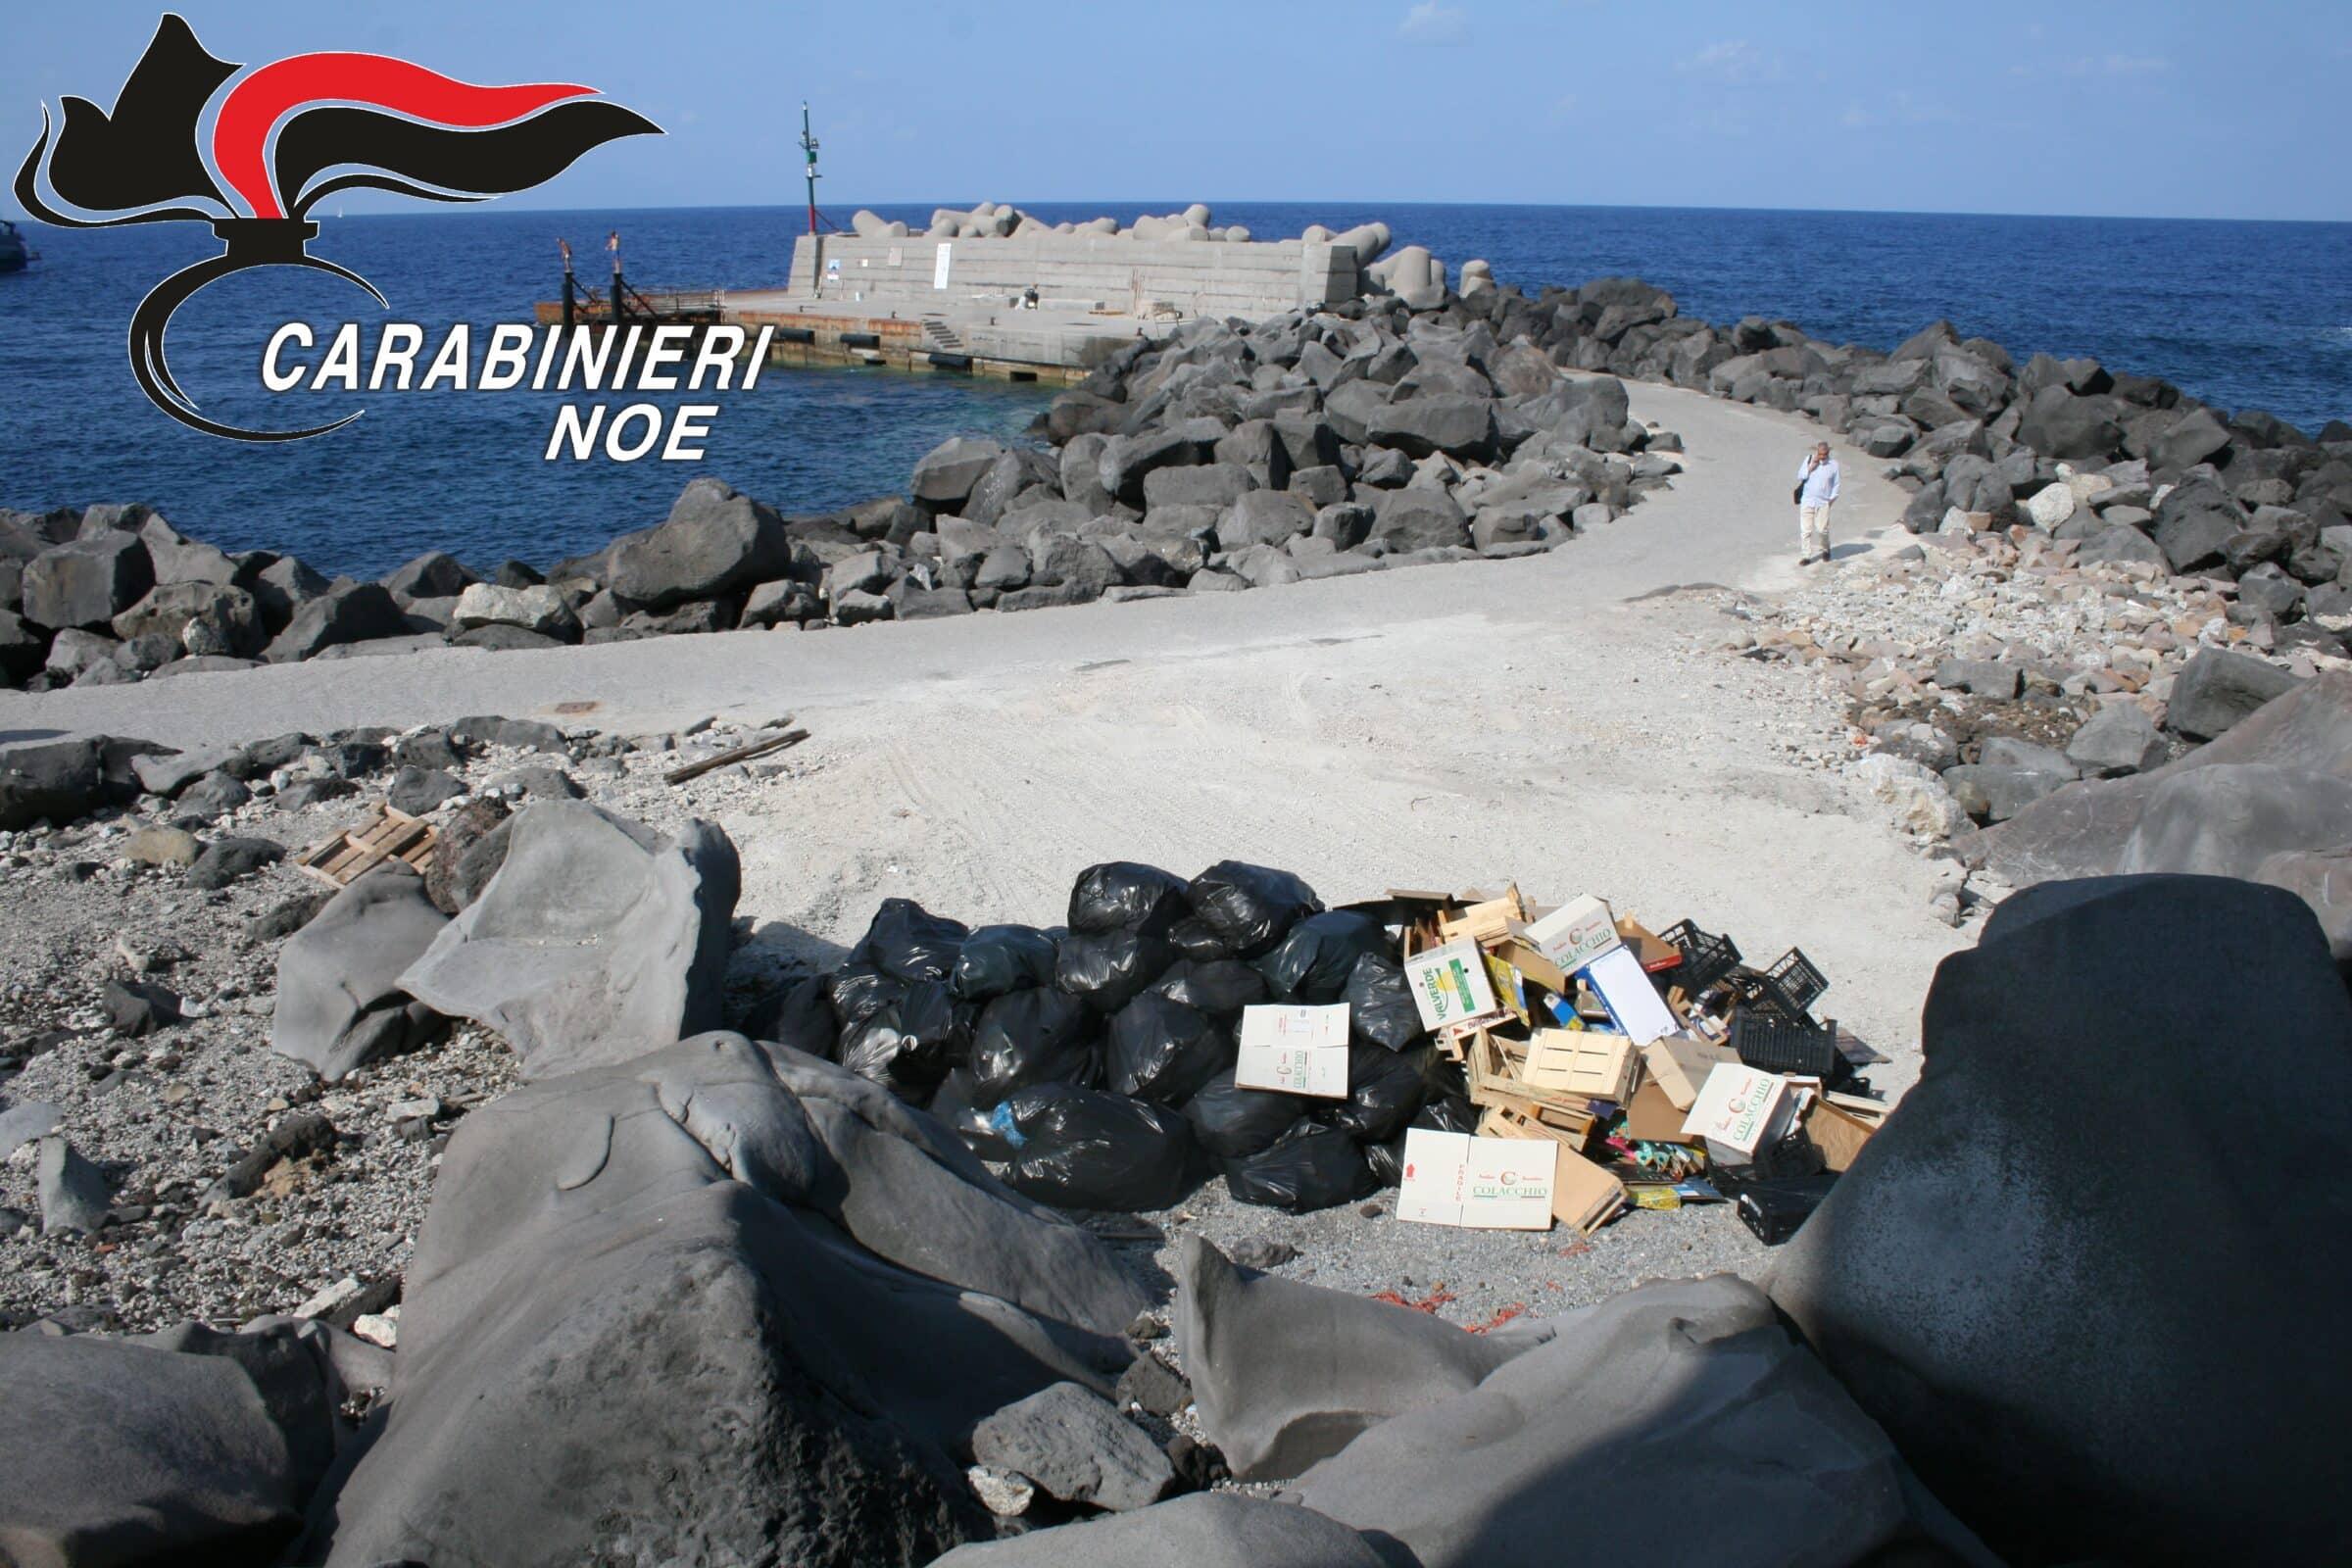 Turisti in Sicilia accolti dalla spazzatura, scoperte irregolarità nello smaltimento: sequestrata l'area – FOTO